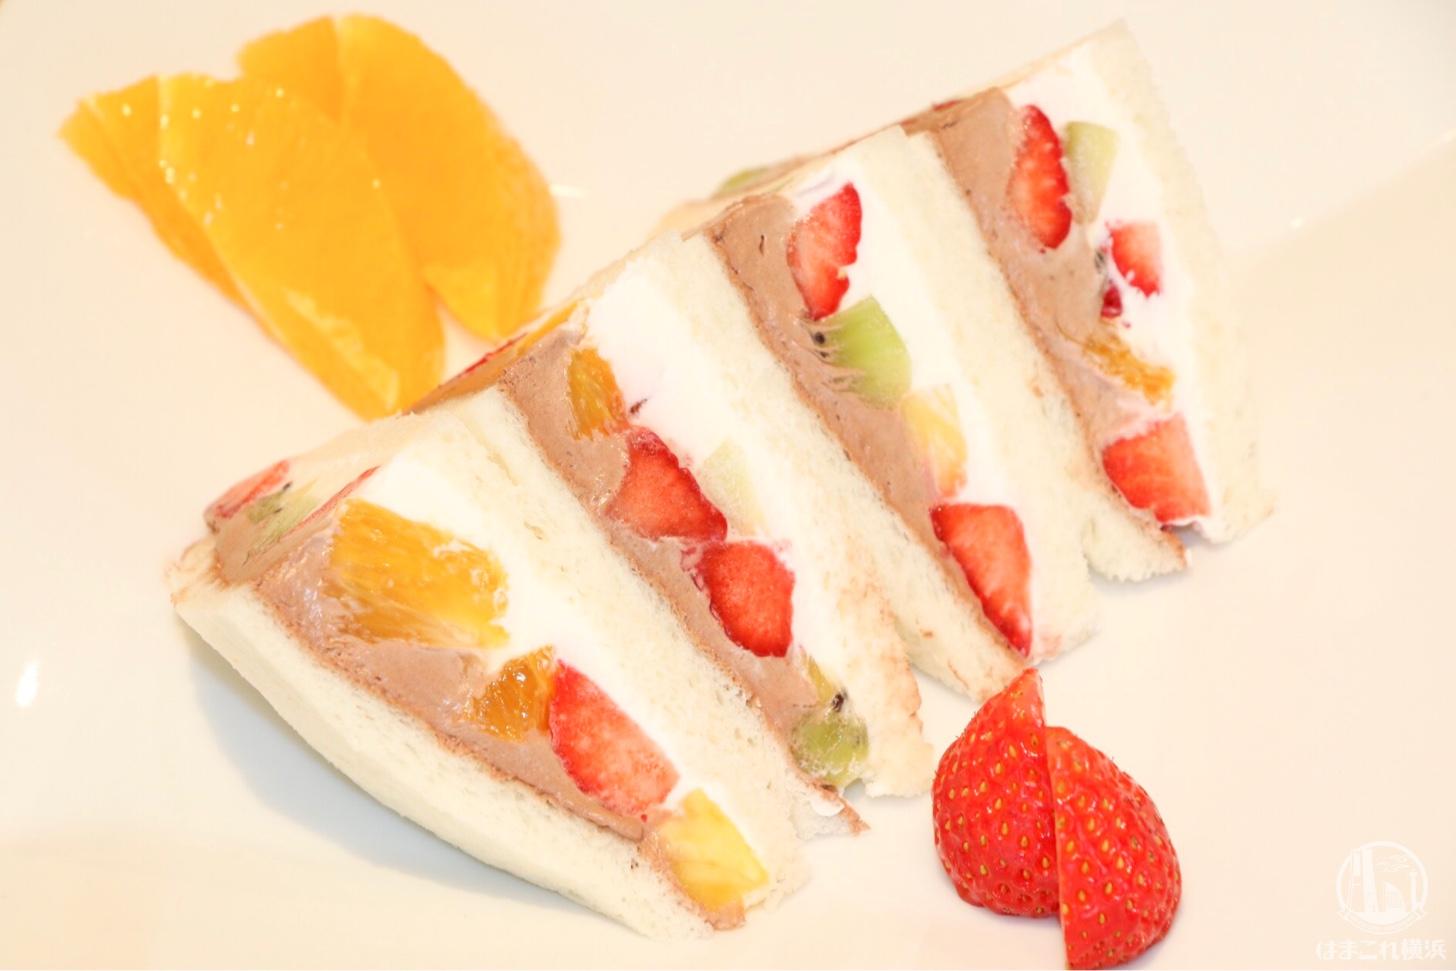 フルーツチョコサンドウィッチ(750円)